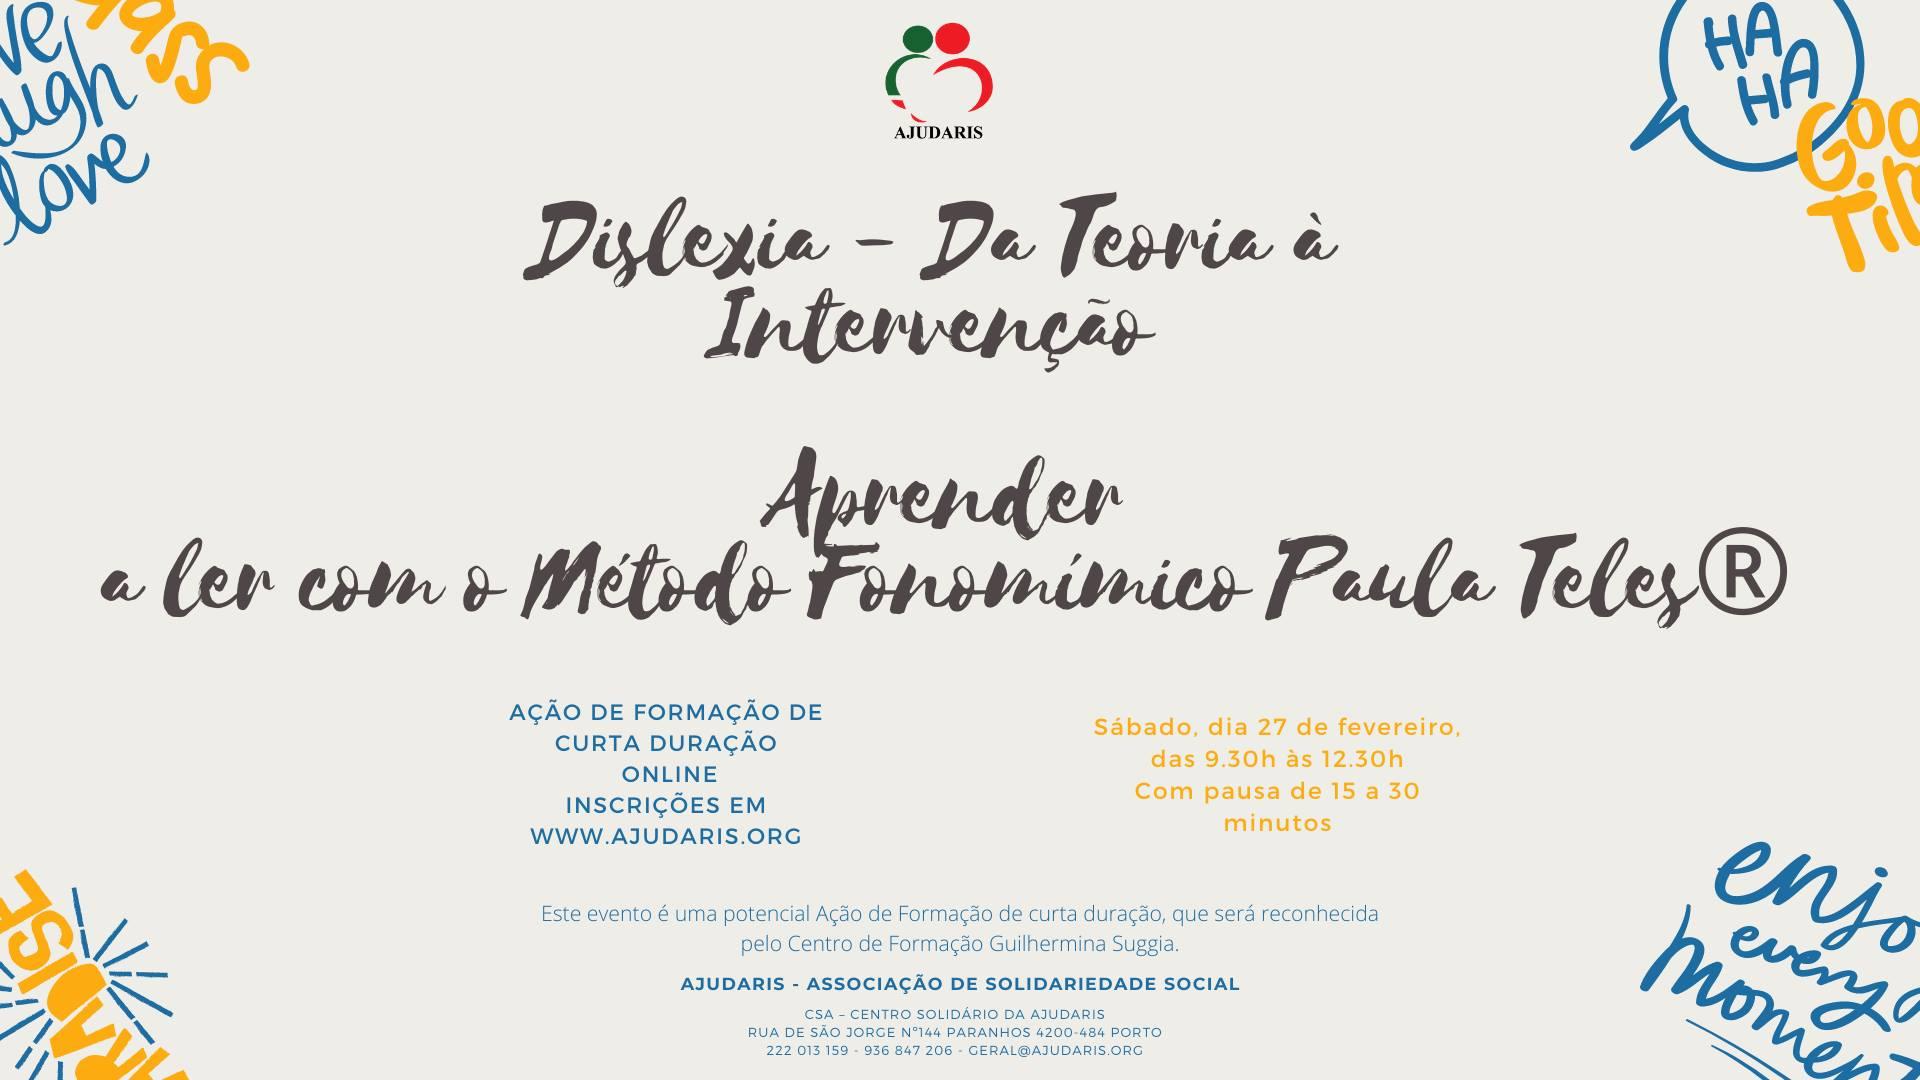 """Formação Online: """"Dislexia – Da Teoria à Intervenção – Aprender a ler com o Método Fonomímico Paula Teles®"""""""